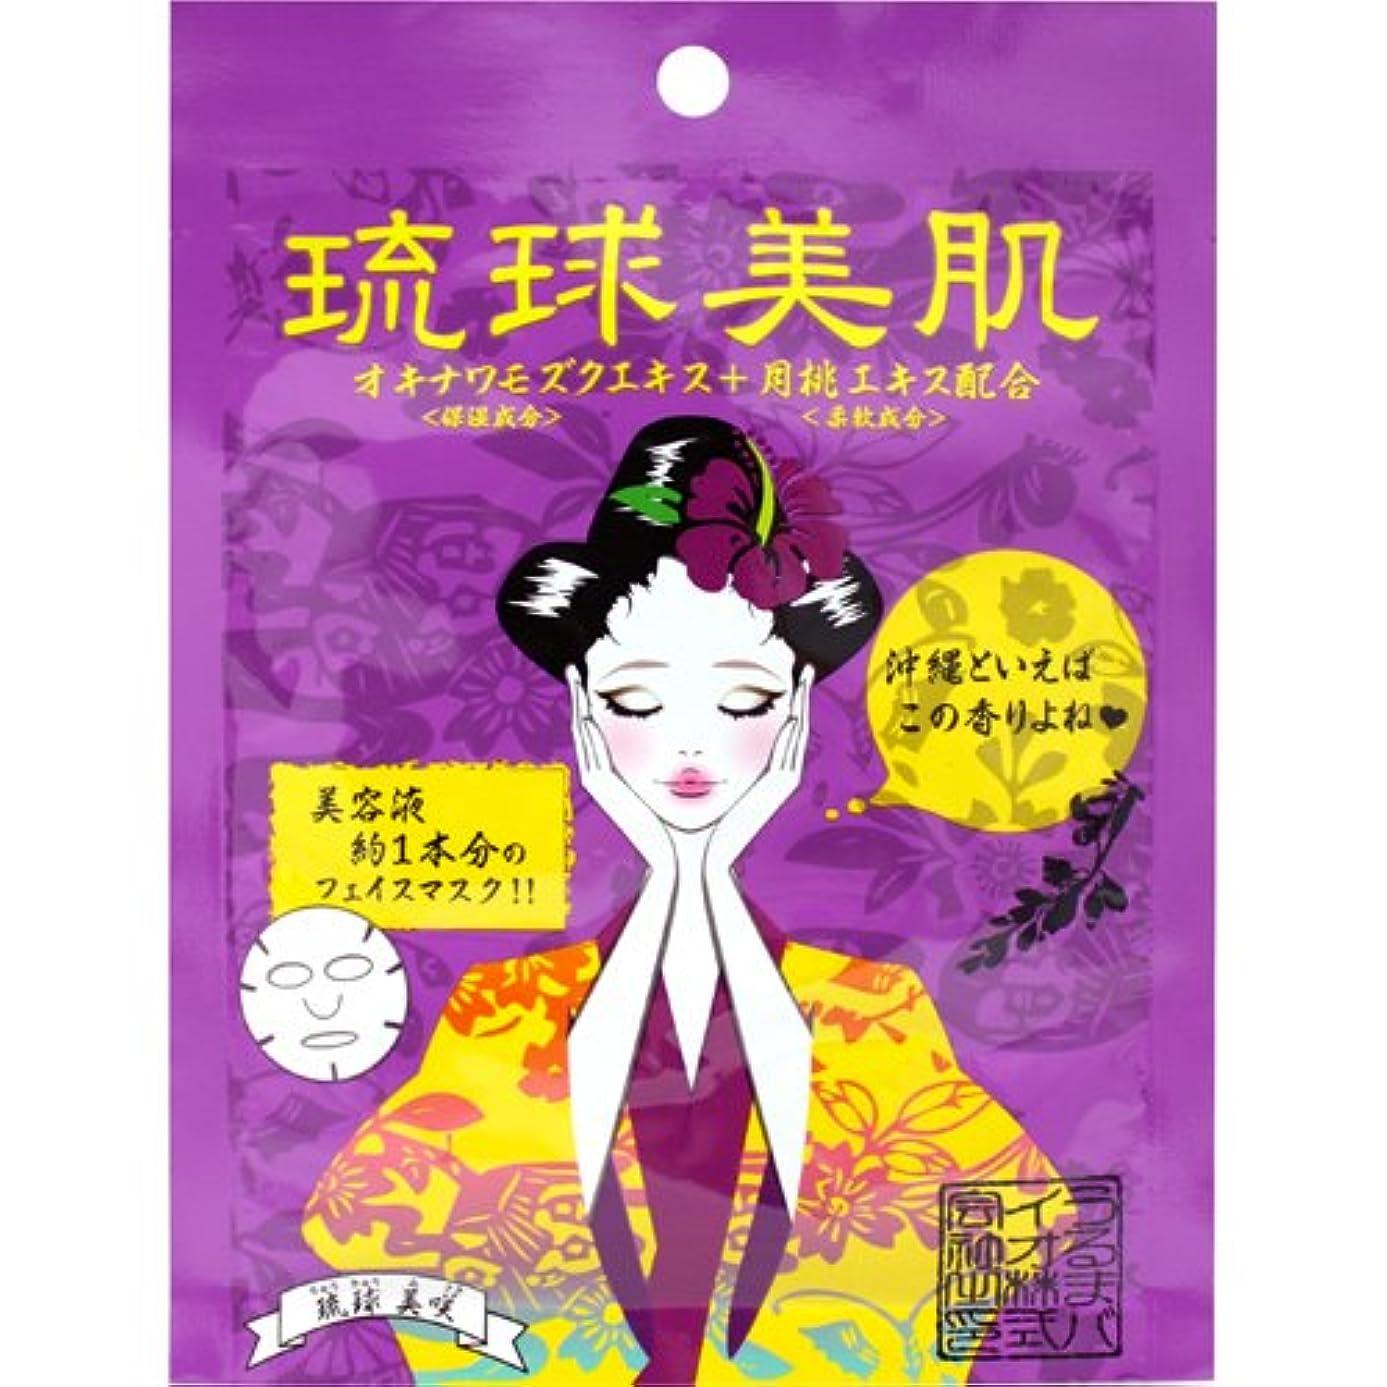 関与する抑圧するマッシュ琉球美肌 フェイスマスクシート 月桃の香り 10枚セット